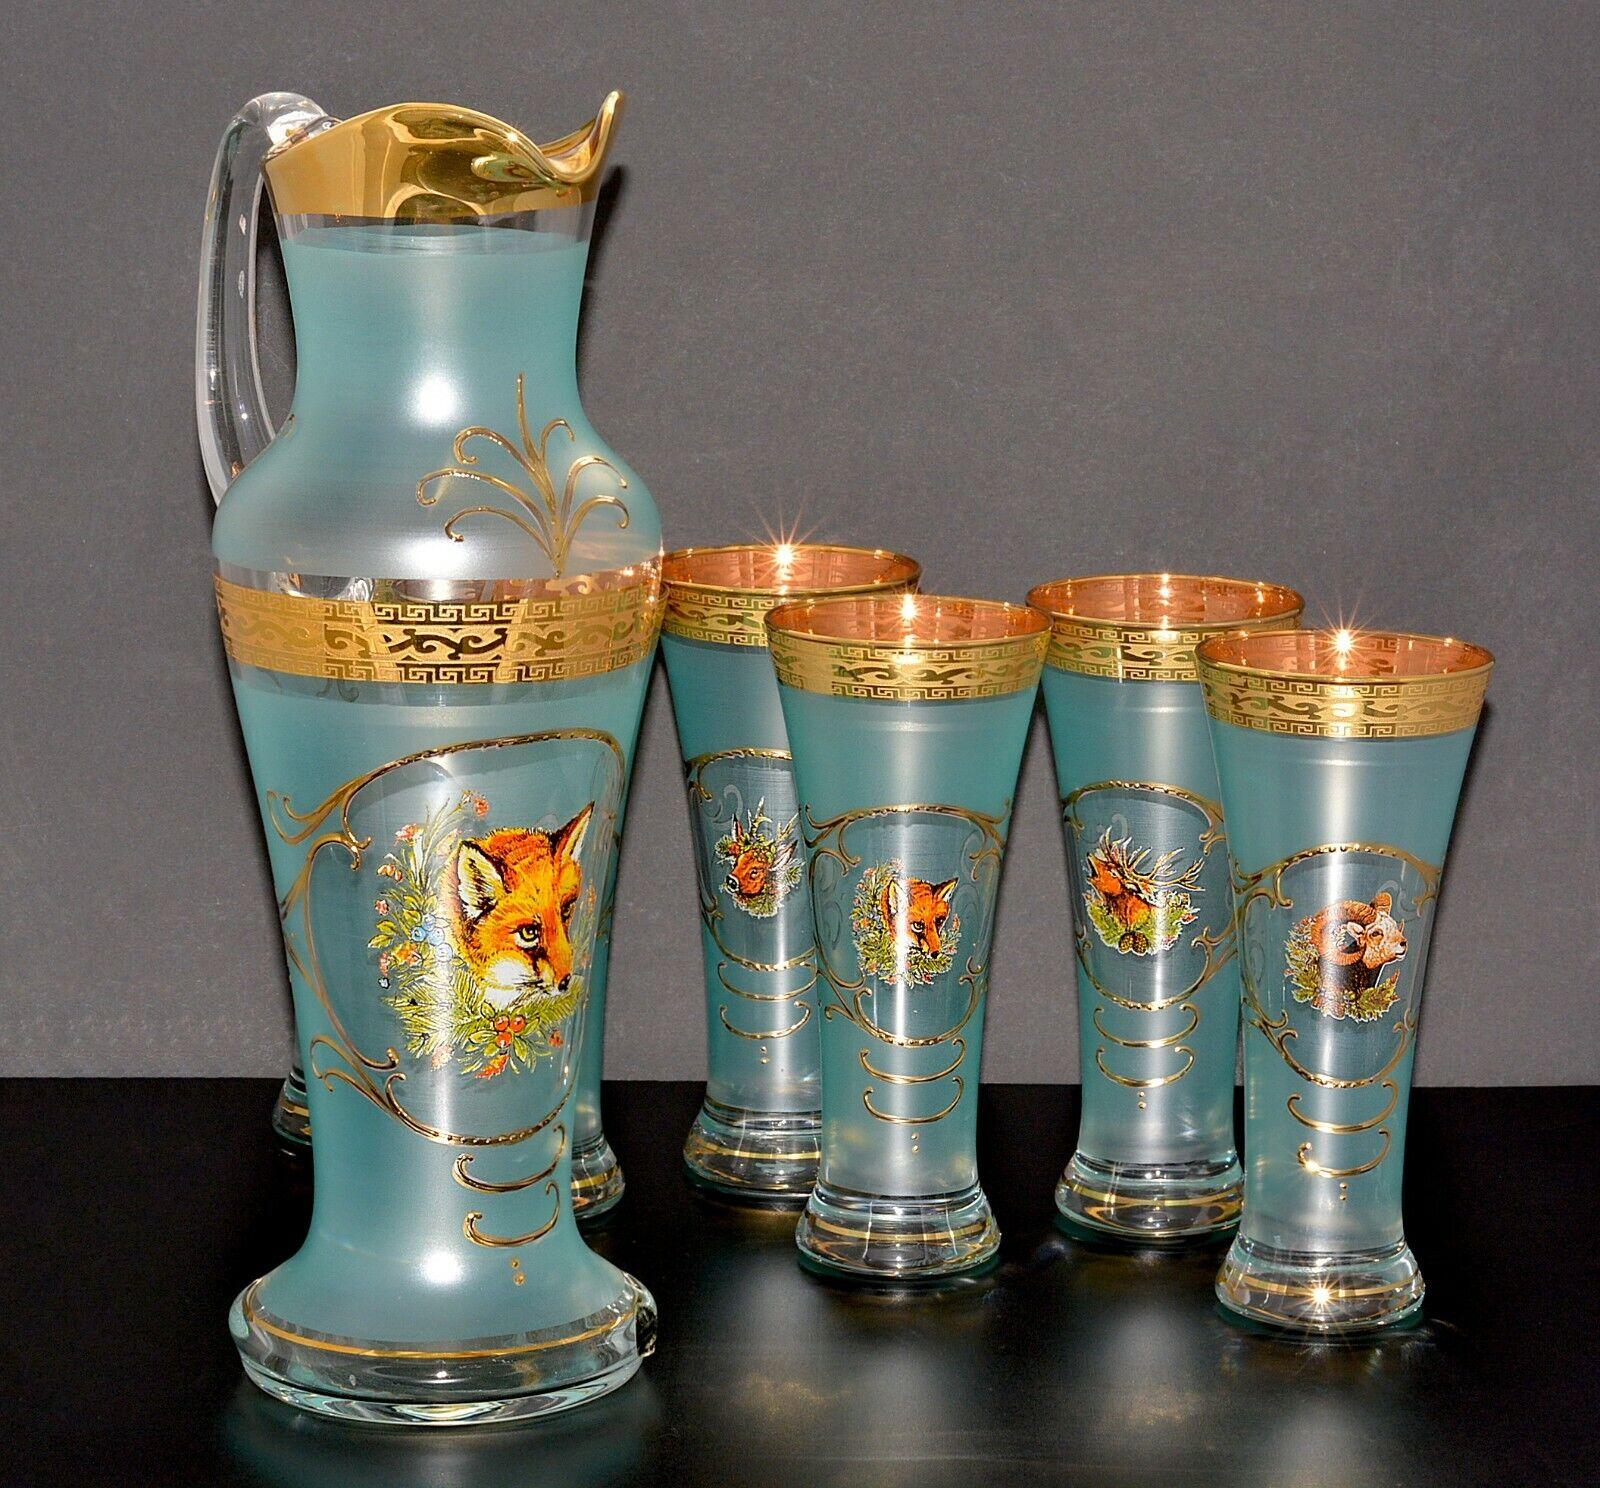 Karaffe & 6 Gläser, Bohemia, Handarbeit, Handbemalt, Farbe Grün Gold, Dekor Jagd   Elegantes Aussehen